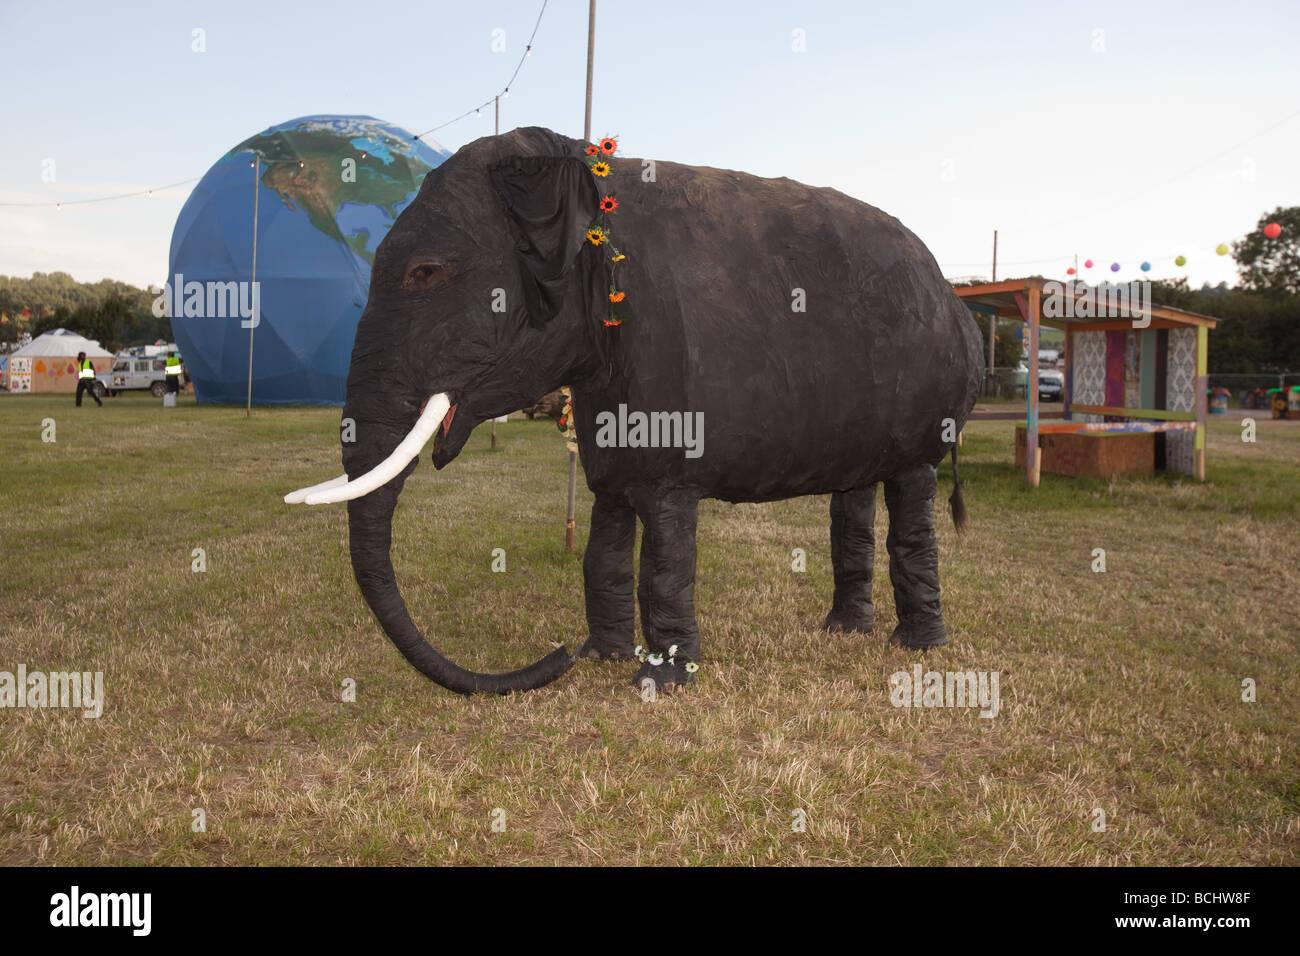 Elephant backstage at the Glastonbury Festival 2009 - Stock Image